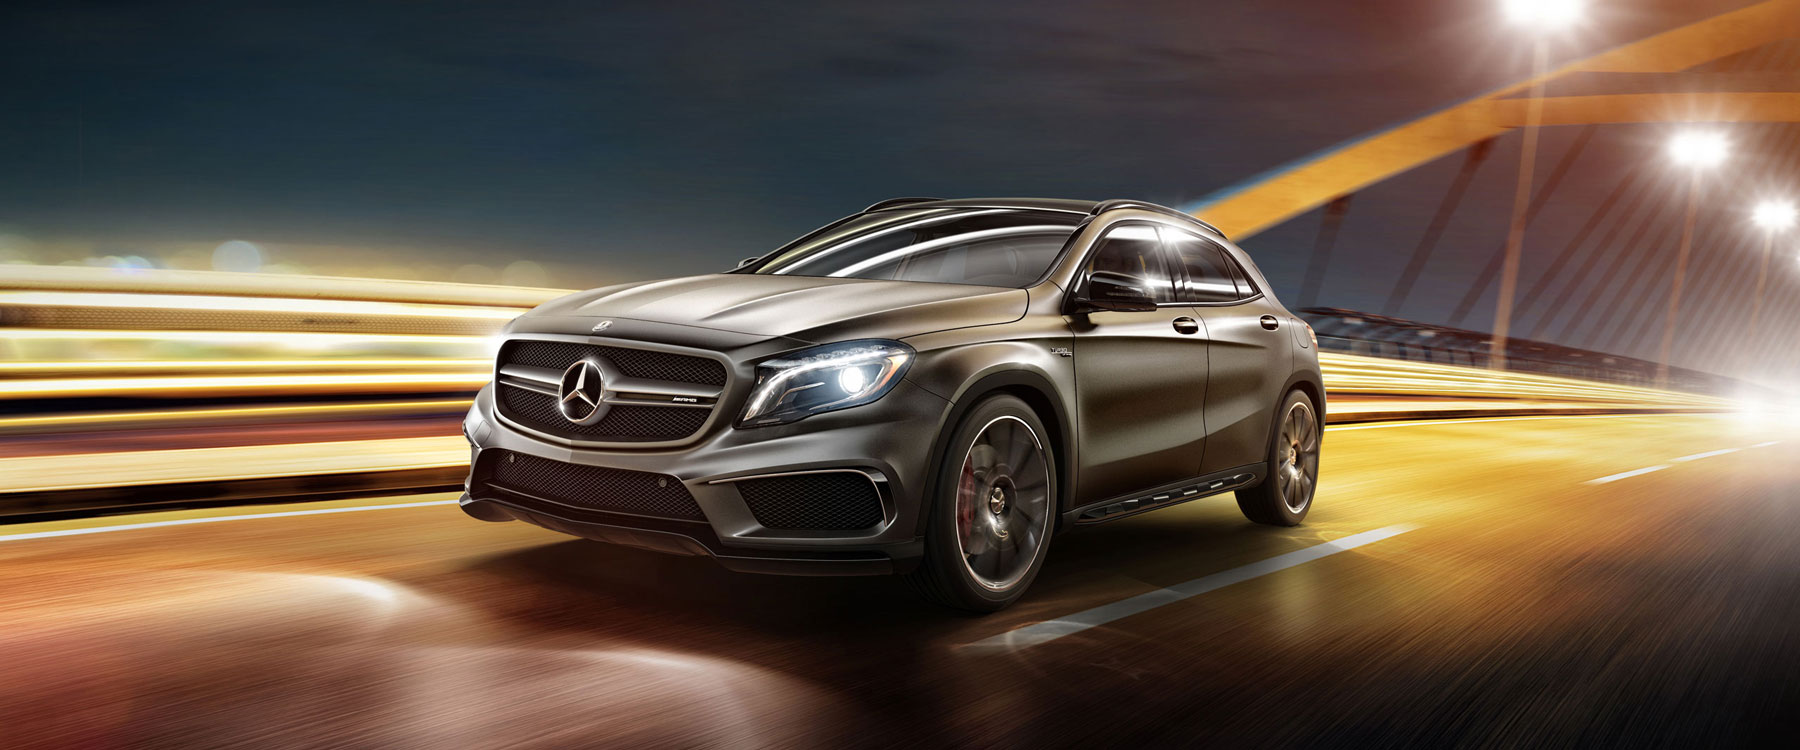 2016 Mercedes-AMG® GLA 45